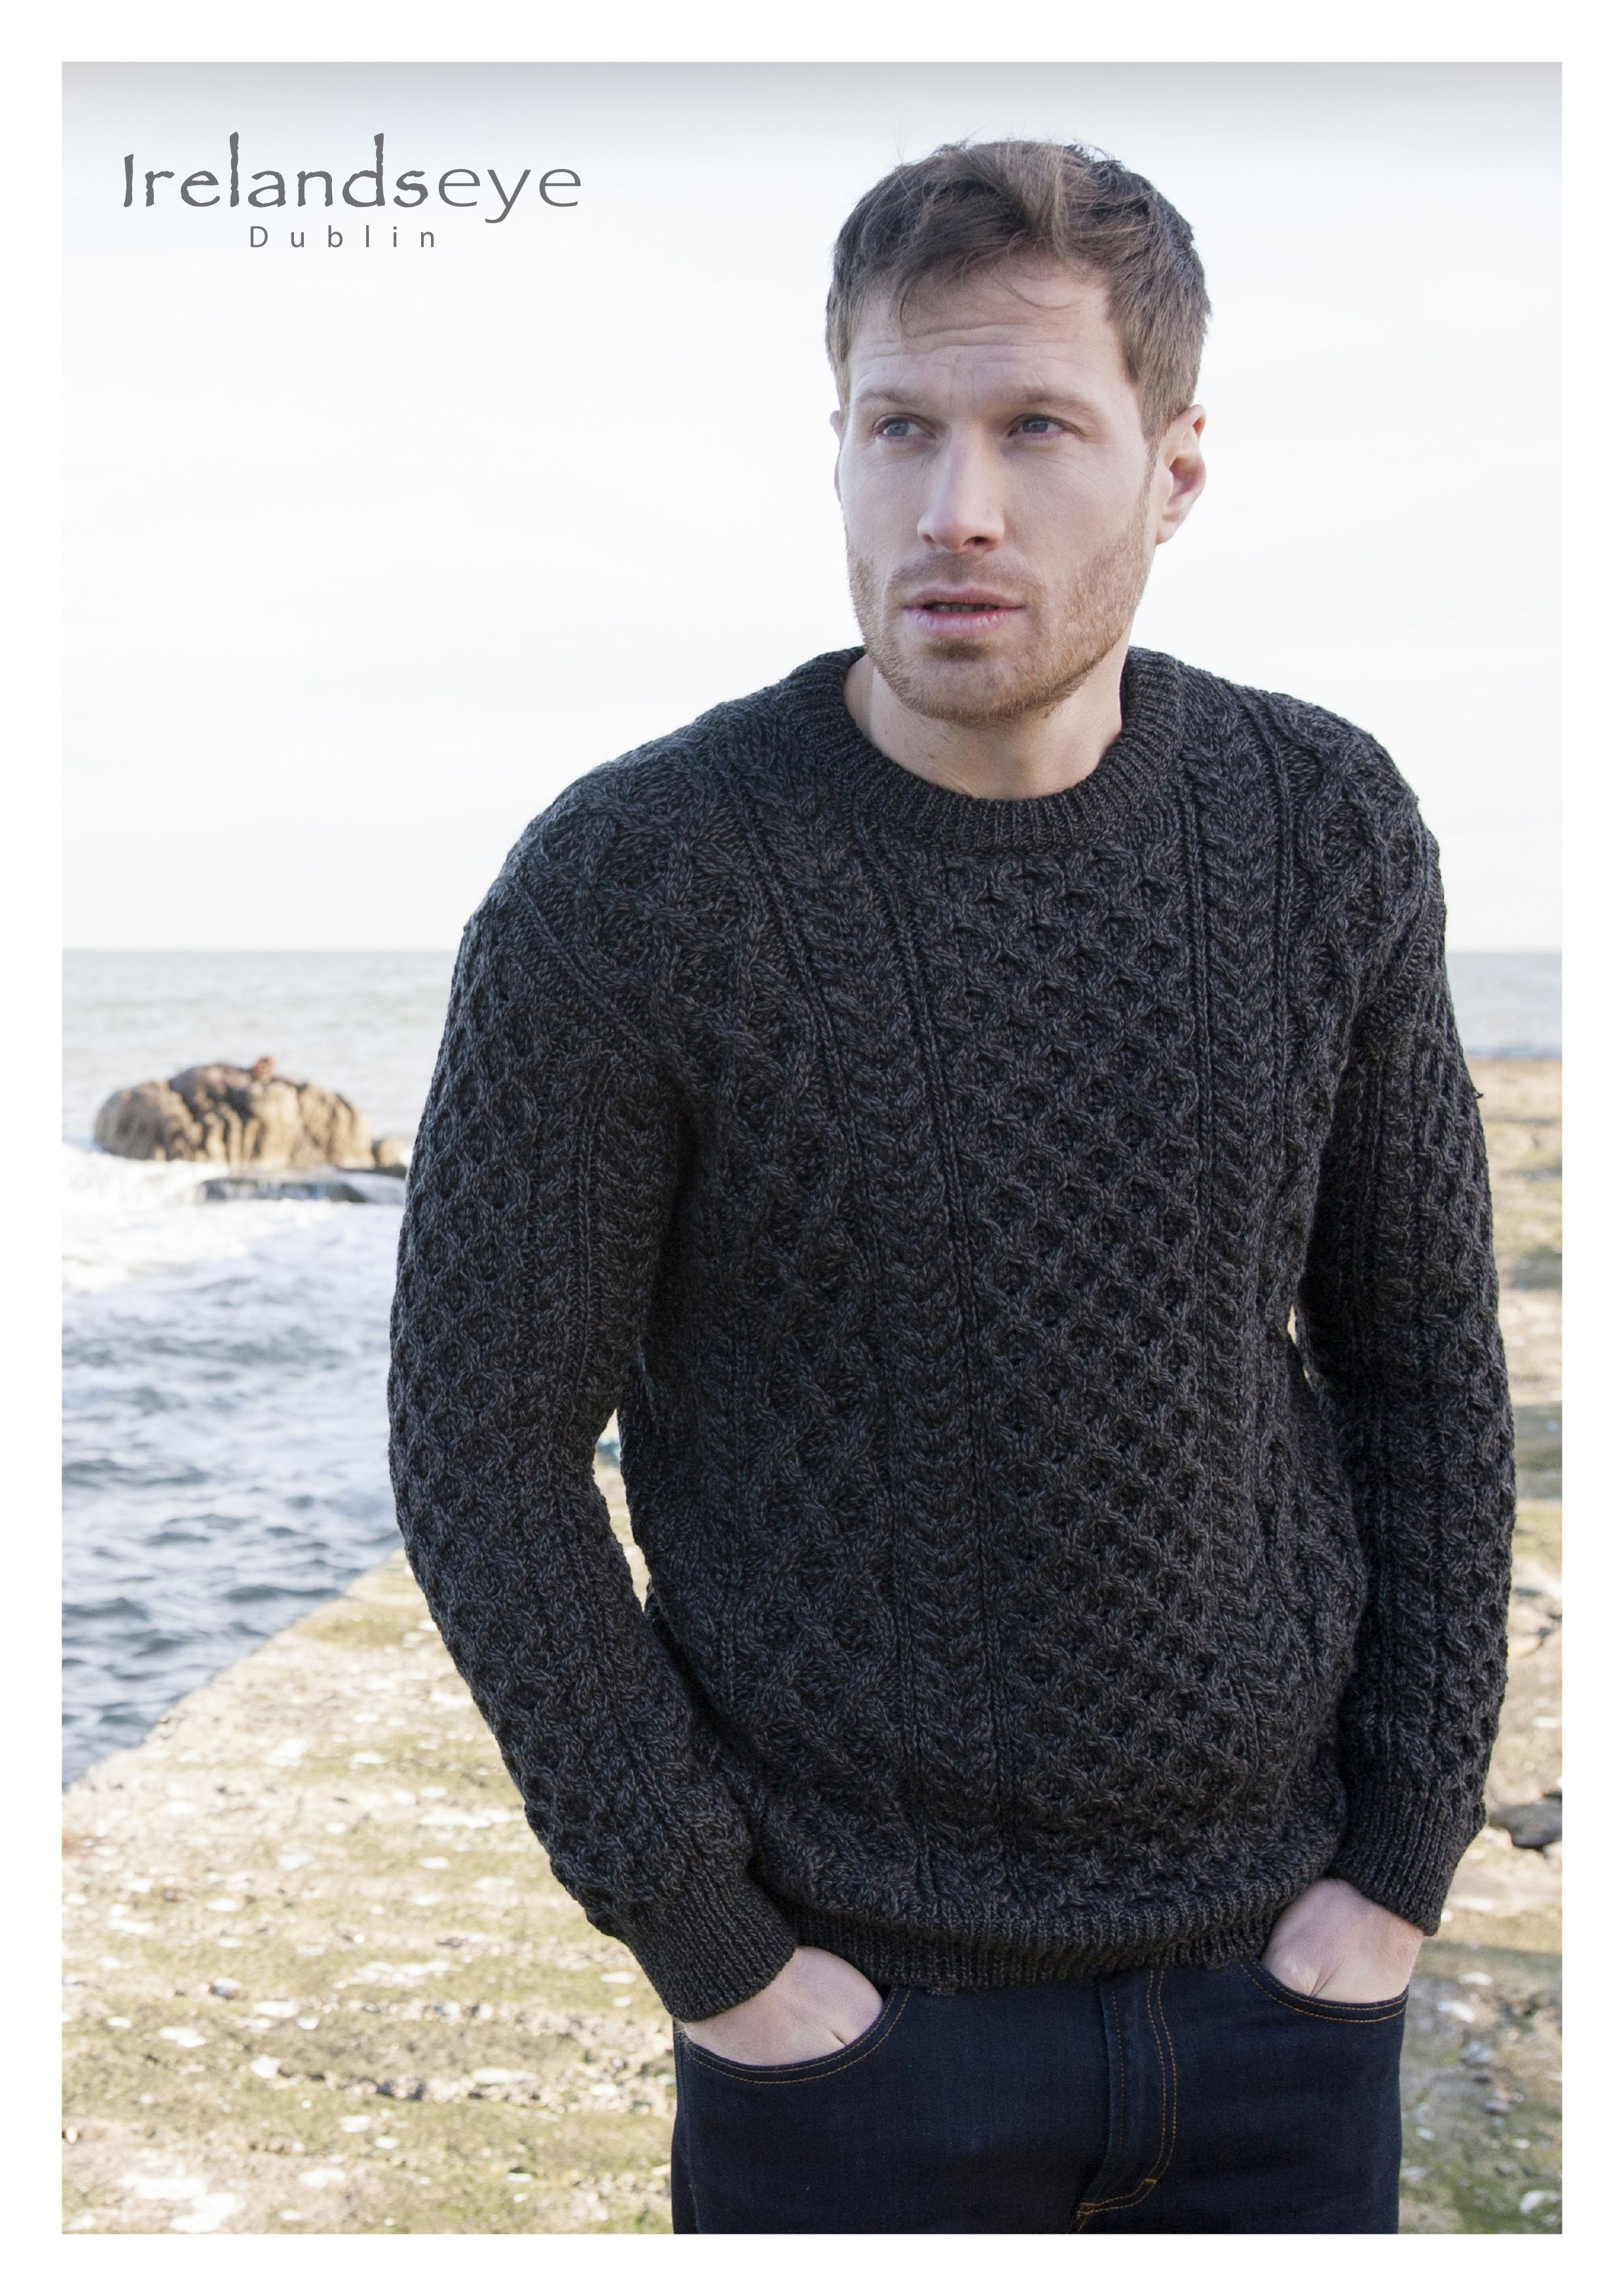 cb1cbbec4ecda5 Aran sweater in charcoal by Irelands Eye Knitwear. 100% Merino Wool ...